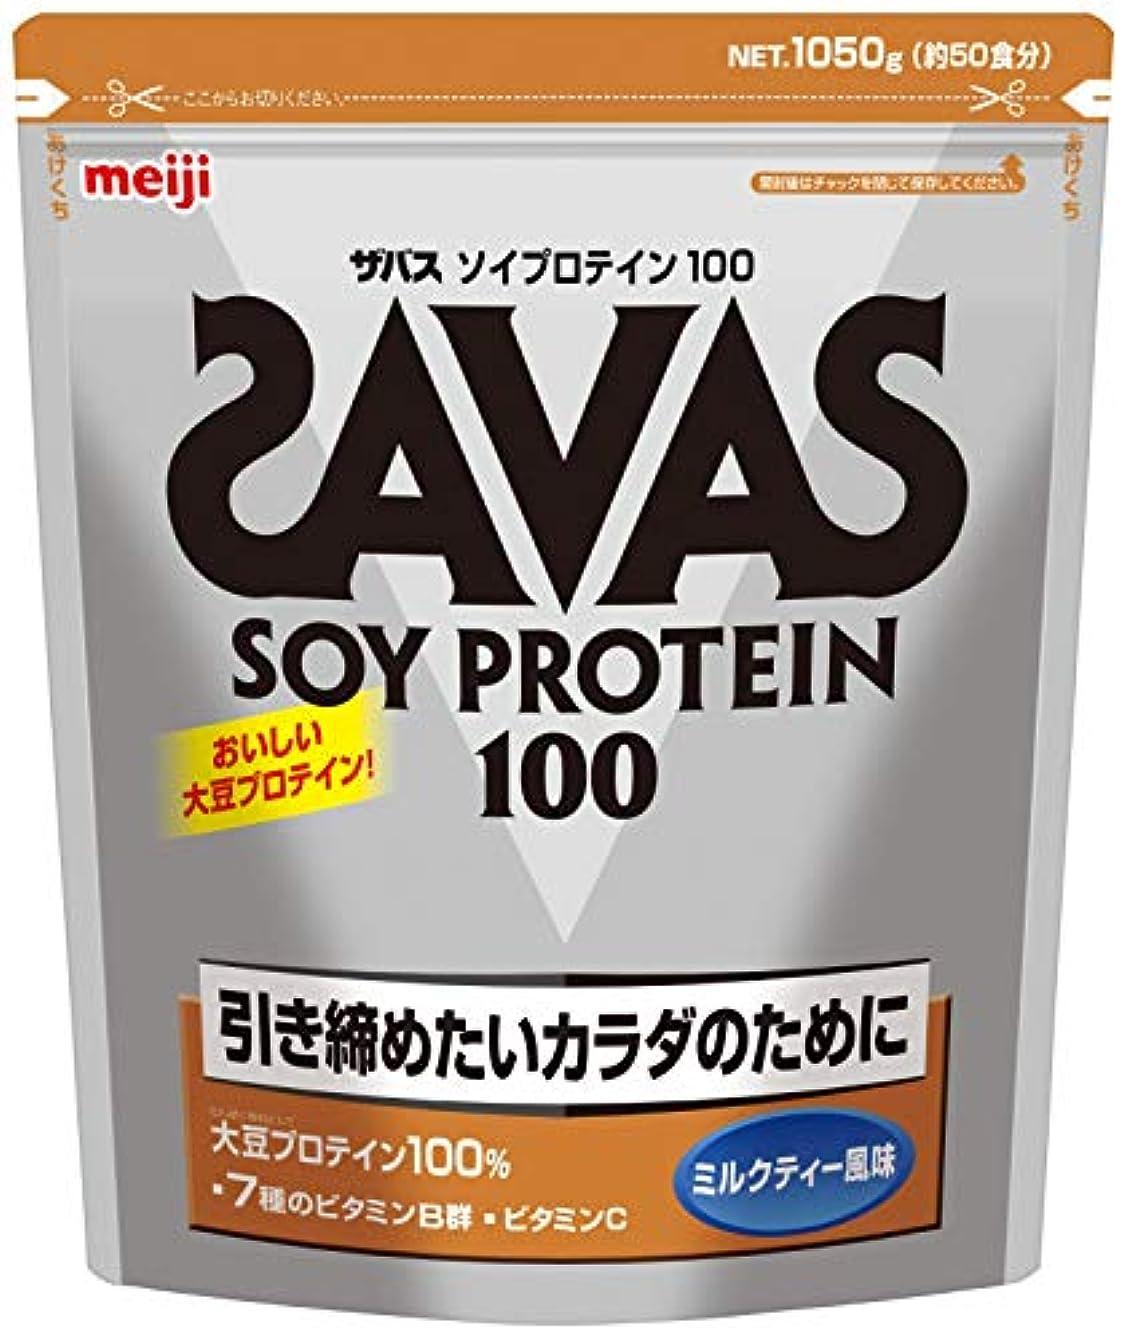 くるくるノベルティバラバラにするザバス(SAVAS) ソイプロテイン100+ビタミン ミルクティー風味 【50食分】 1,050g